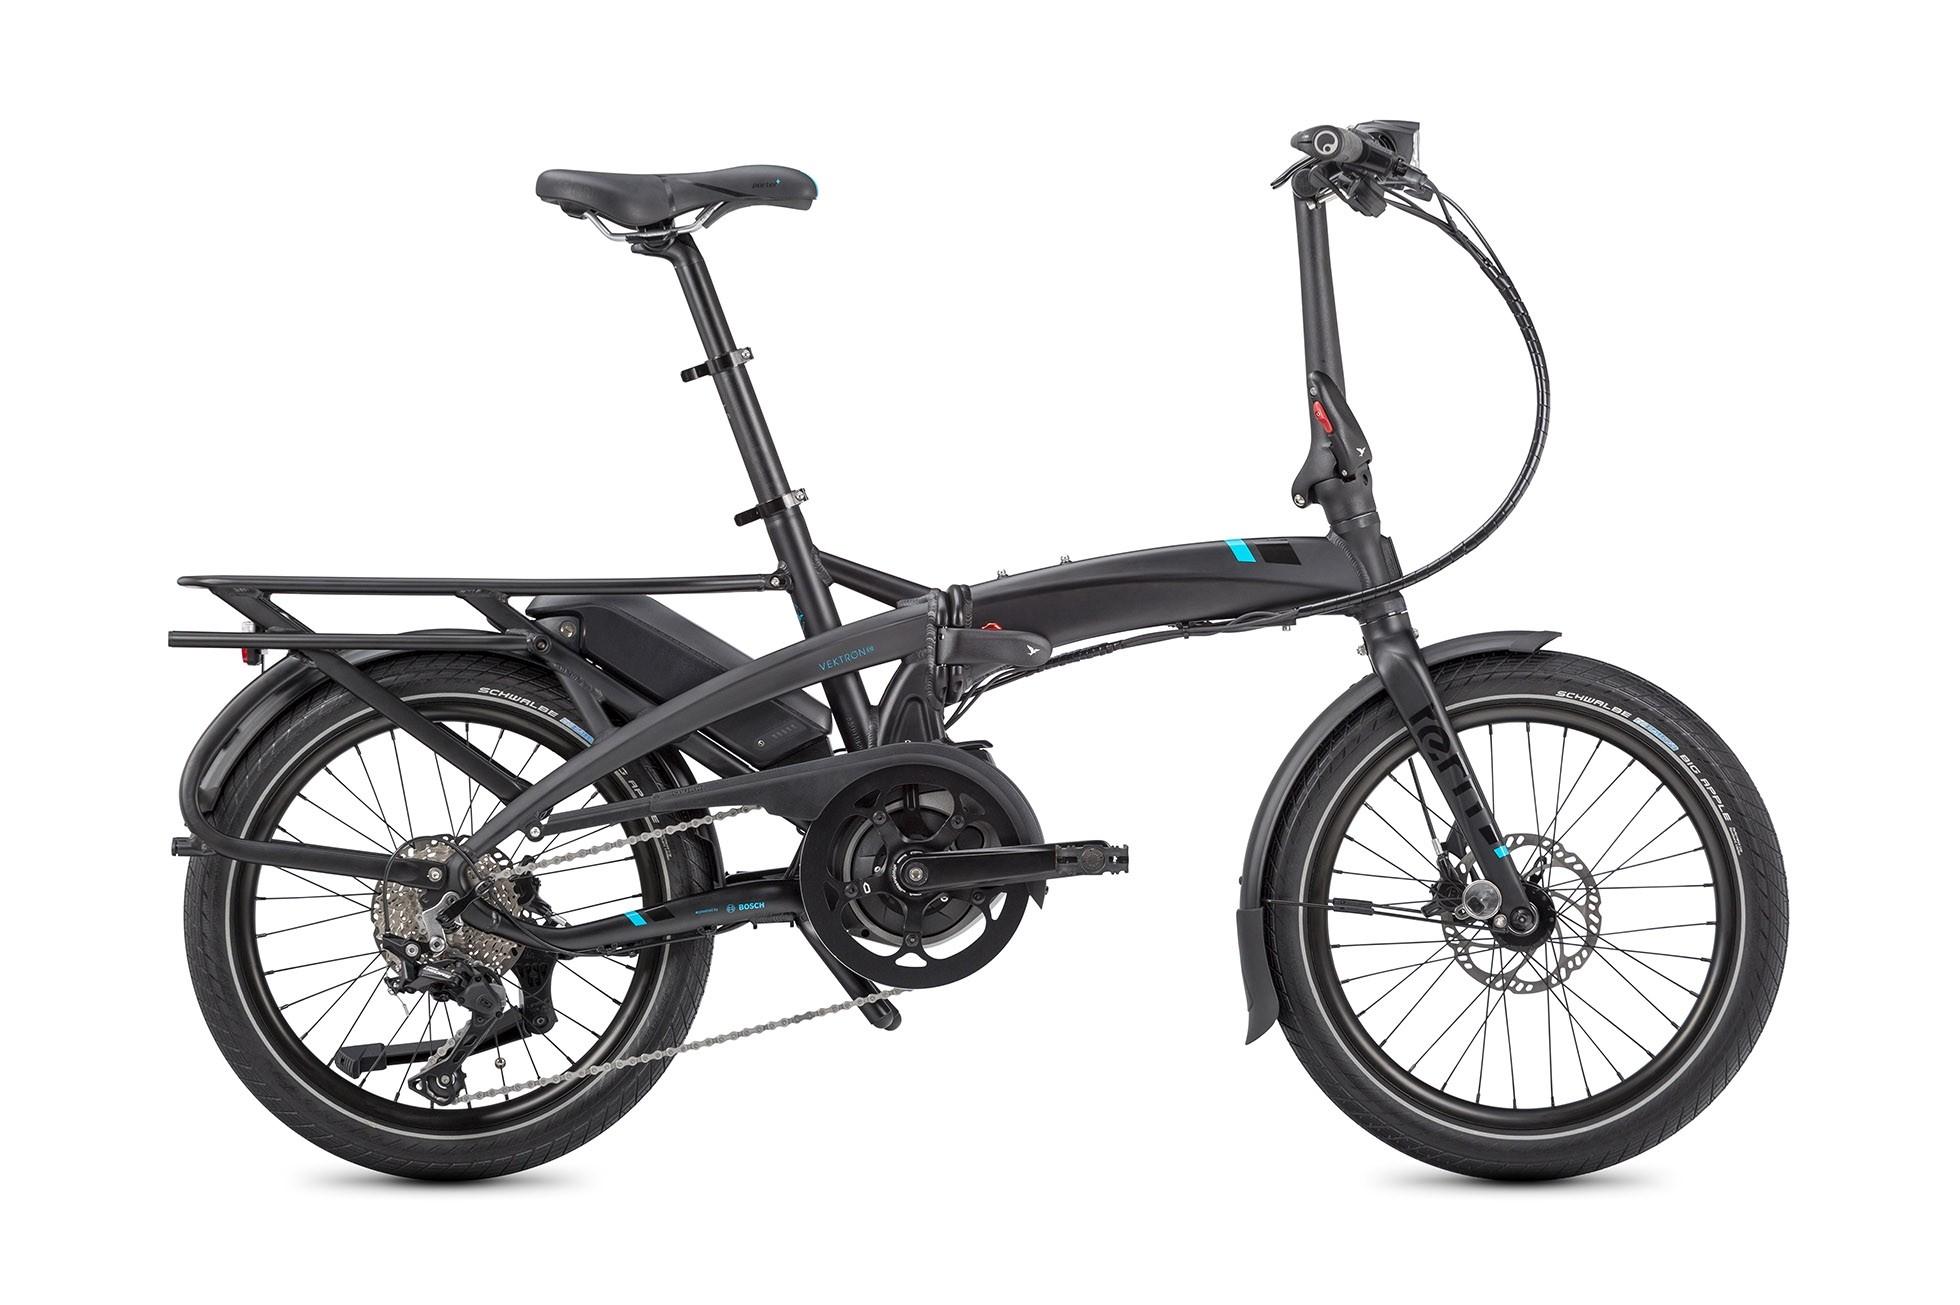 TERN VEKTRON S10  black - 400 Wh - available april 2020